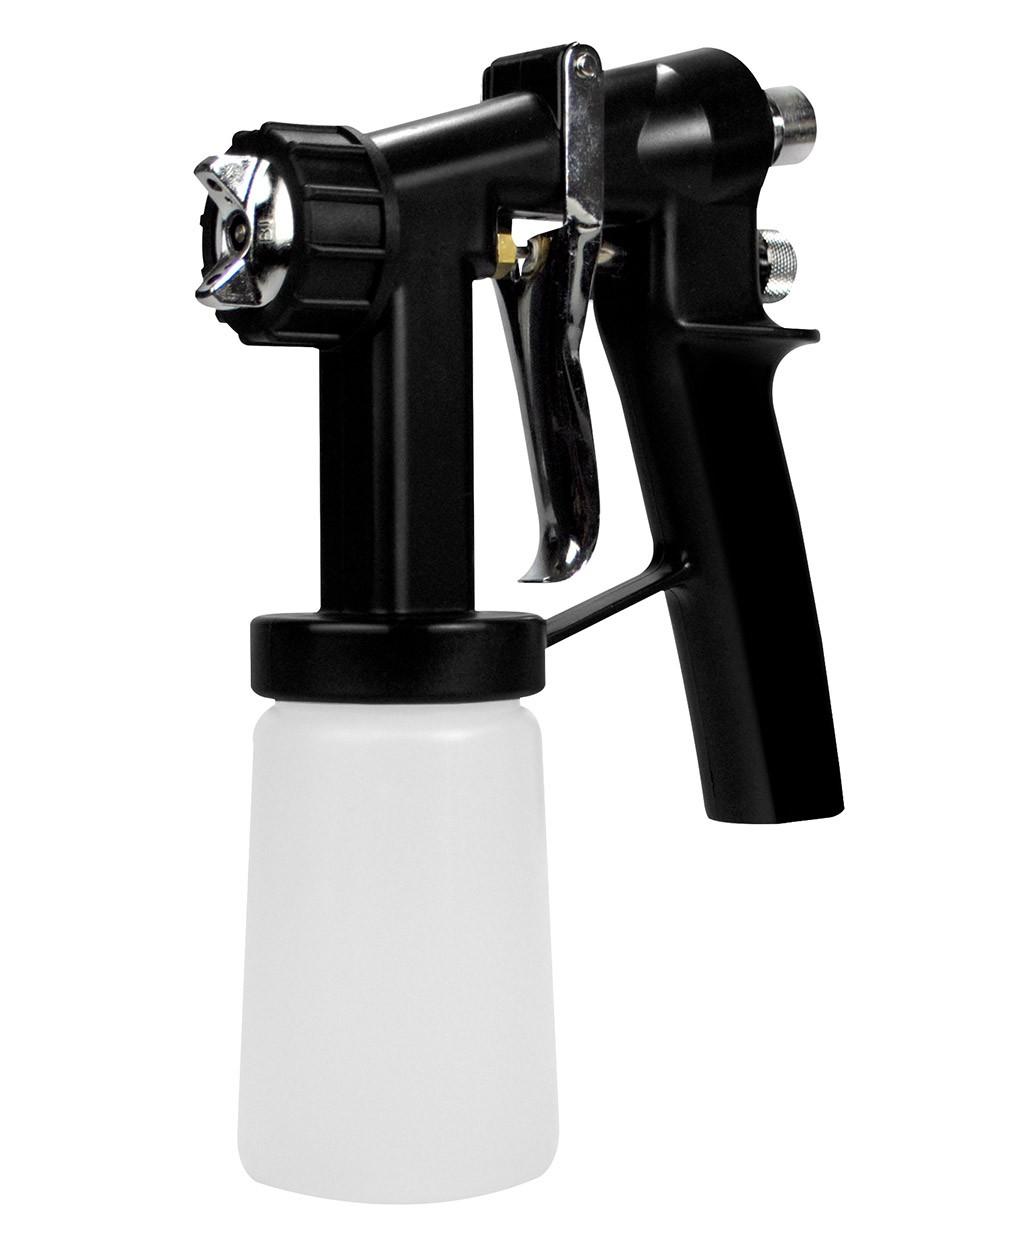 Norvell Sunless M Series HVLP Spray Gun